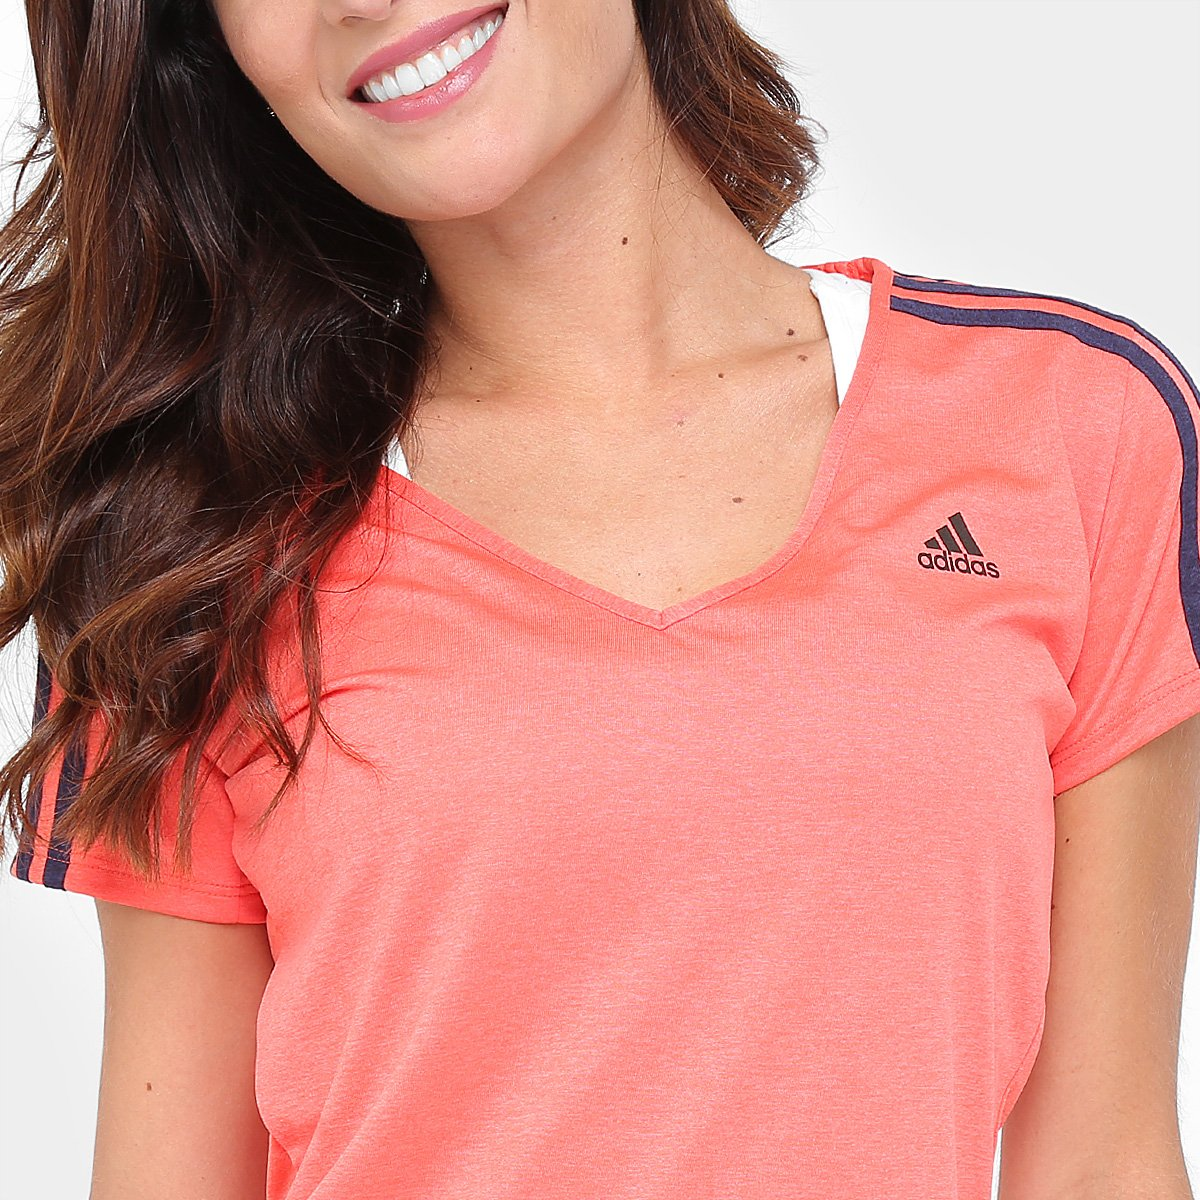 Feminina Coral Essential Camiseta Adidas 3S 3S Camiseta Adidas Feminina Essential vqzqx4